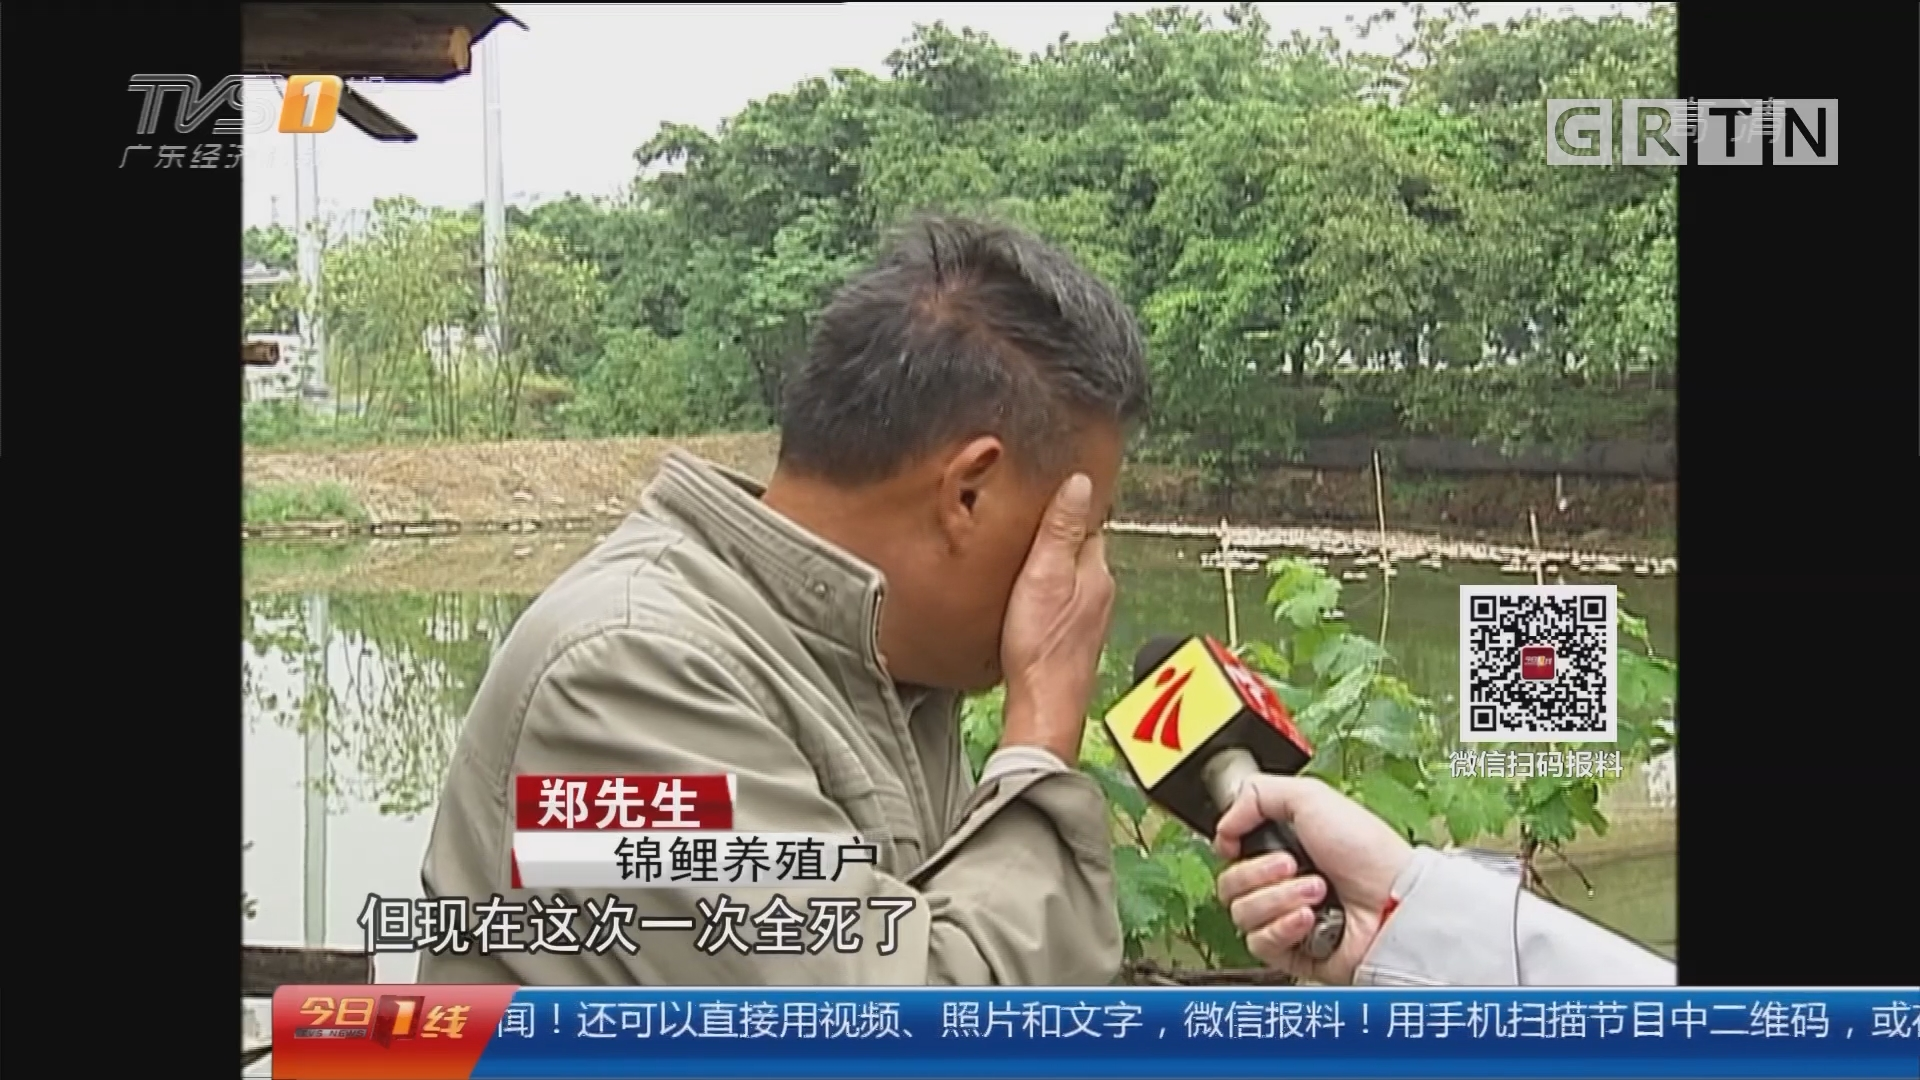 佛山南海:一塘锦鲤死亡 十年心血付诸东流